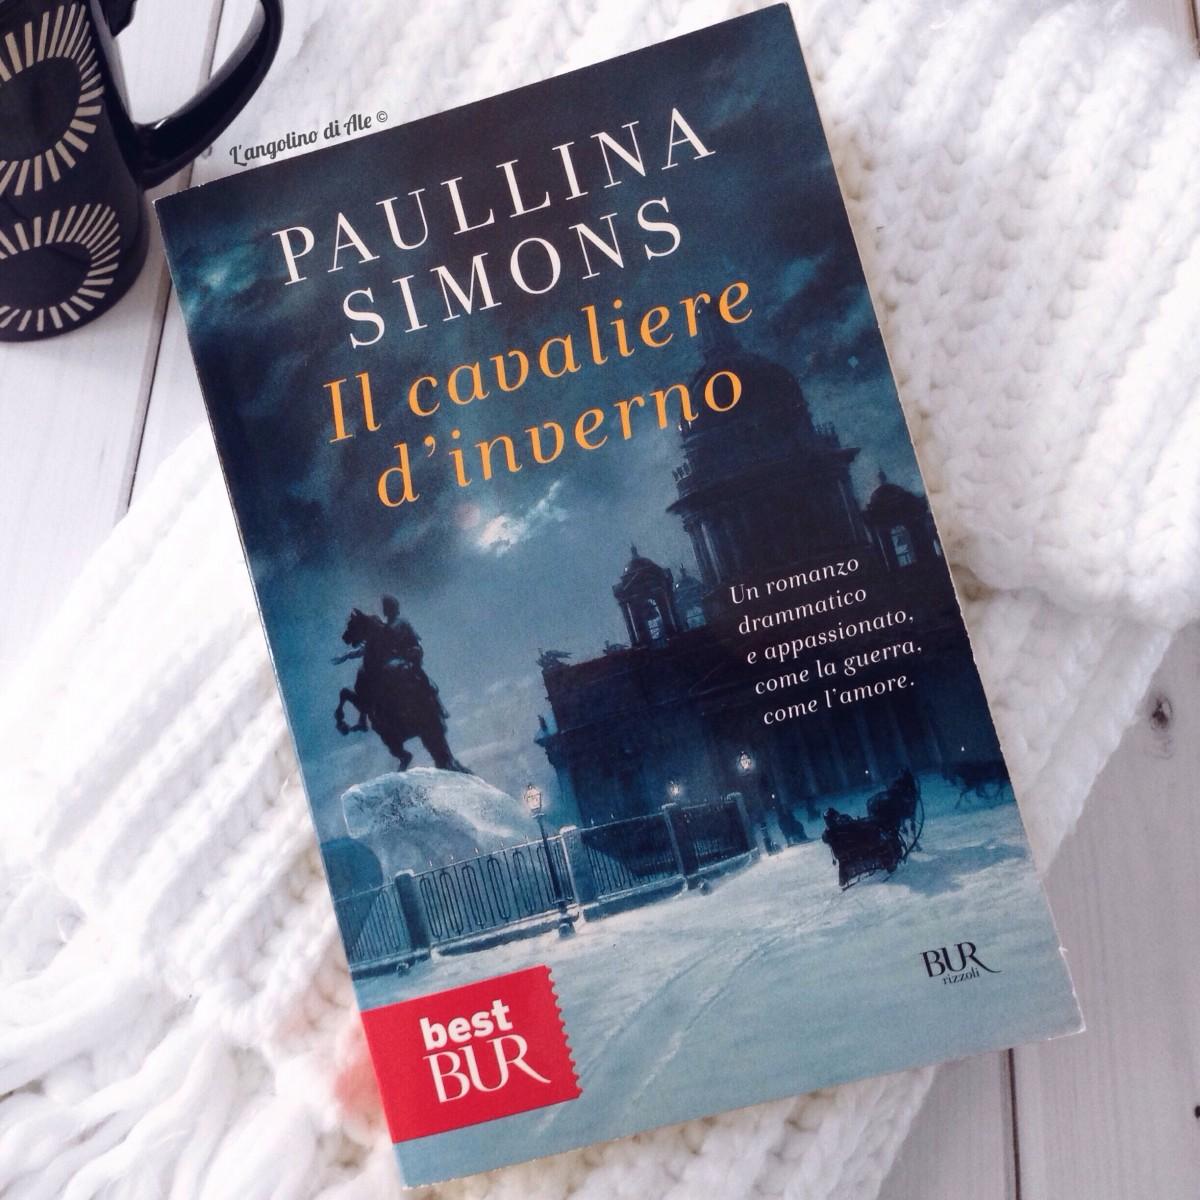 Il cavaliere d'inverno di Paullina Simons